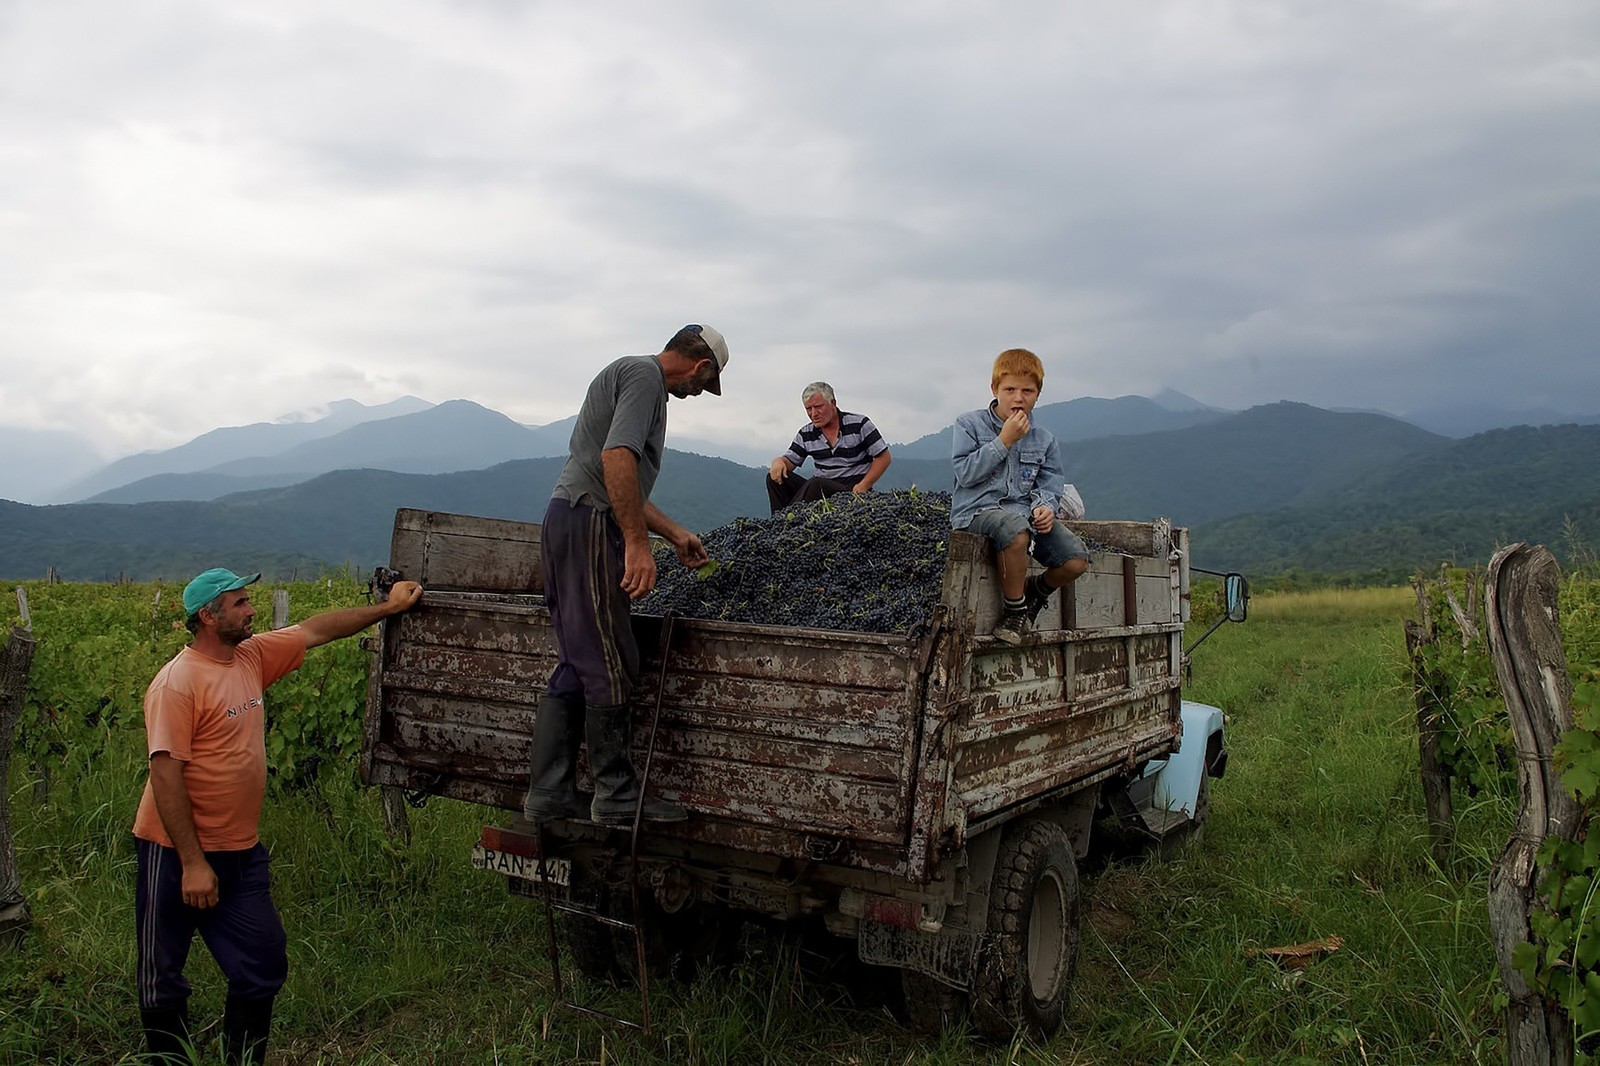 「葡萄が積載されたトラックに乗る少年」の写真